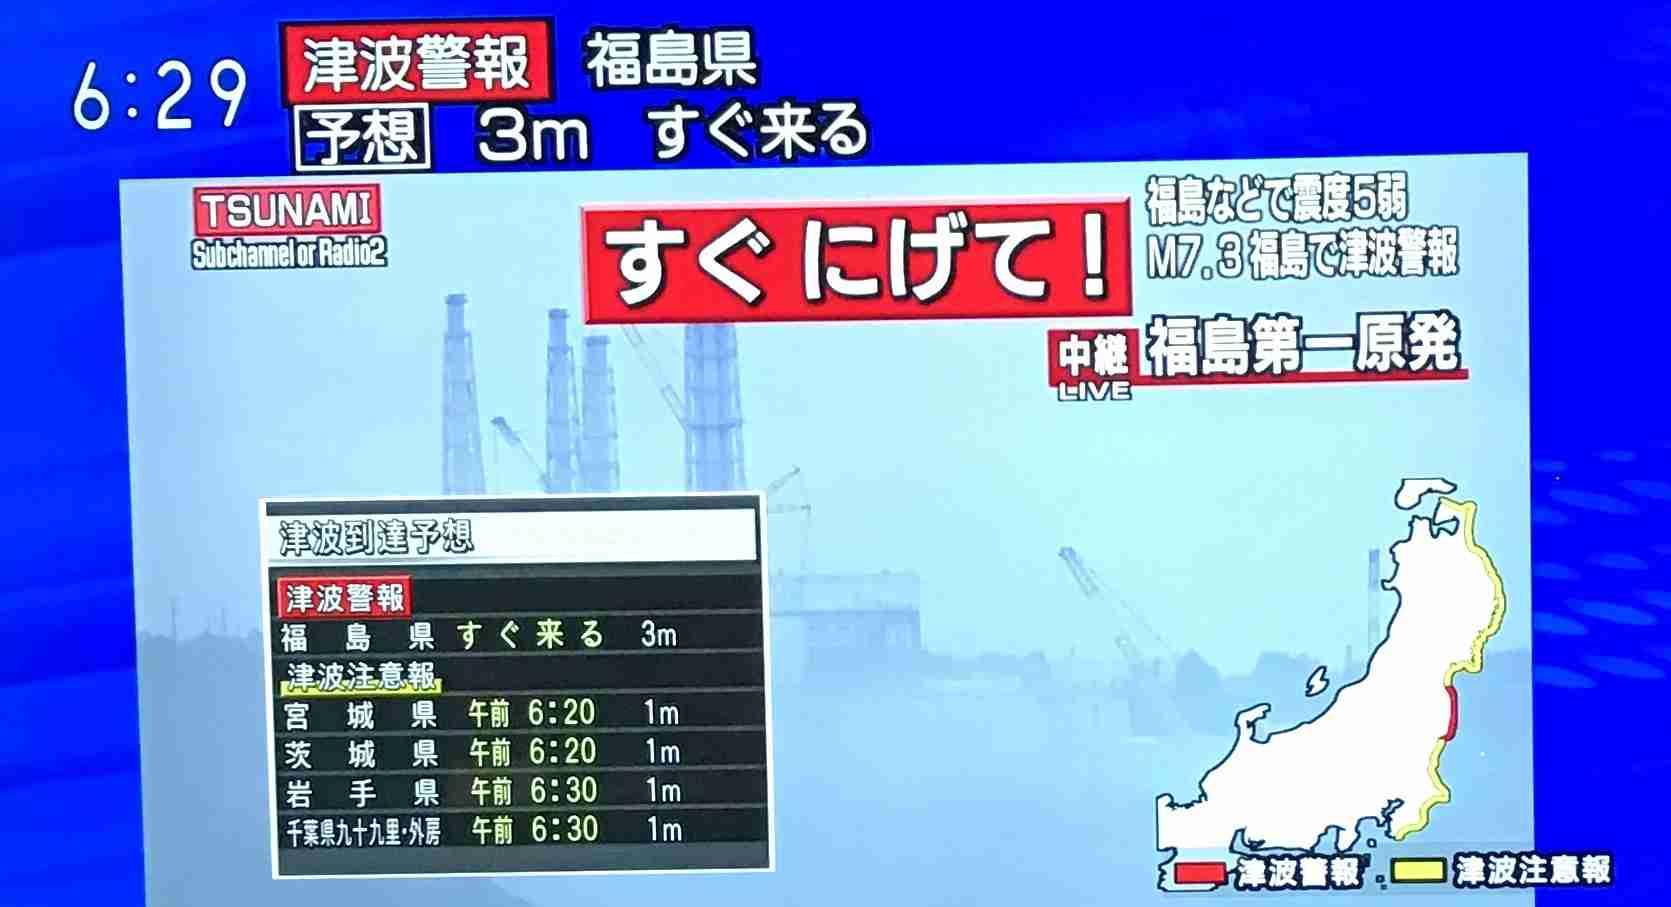 福島県沖で震度5弱の地震、大津波警報・津波警報・津波注意報